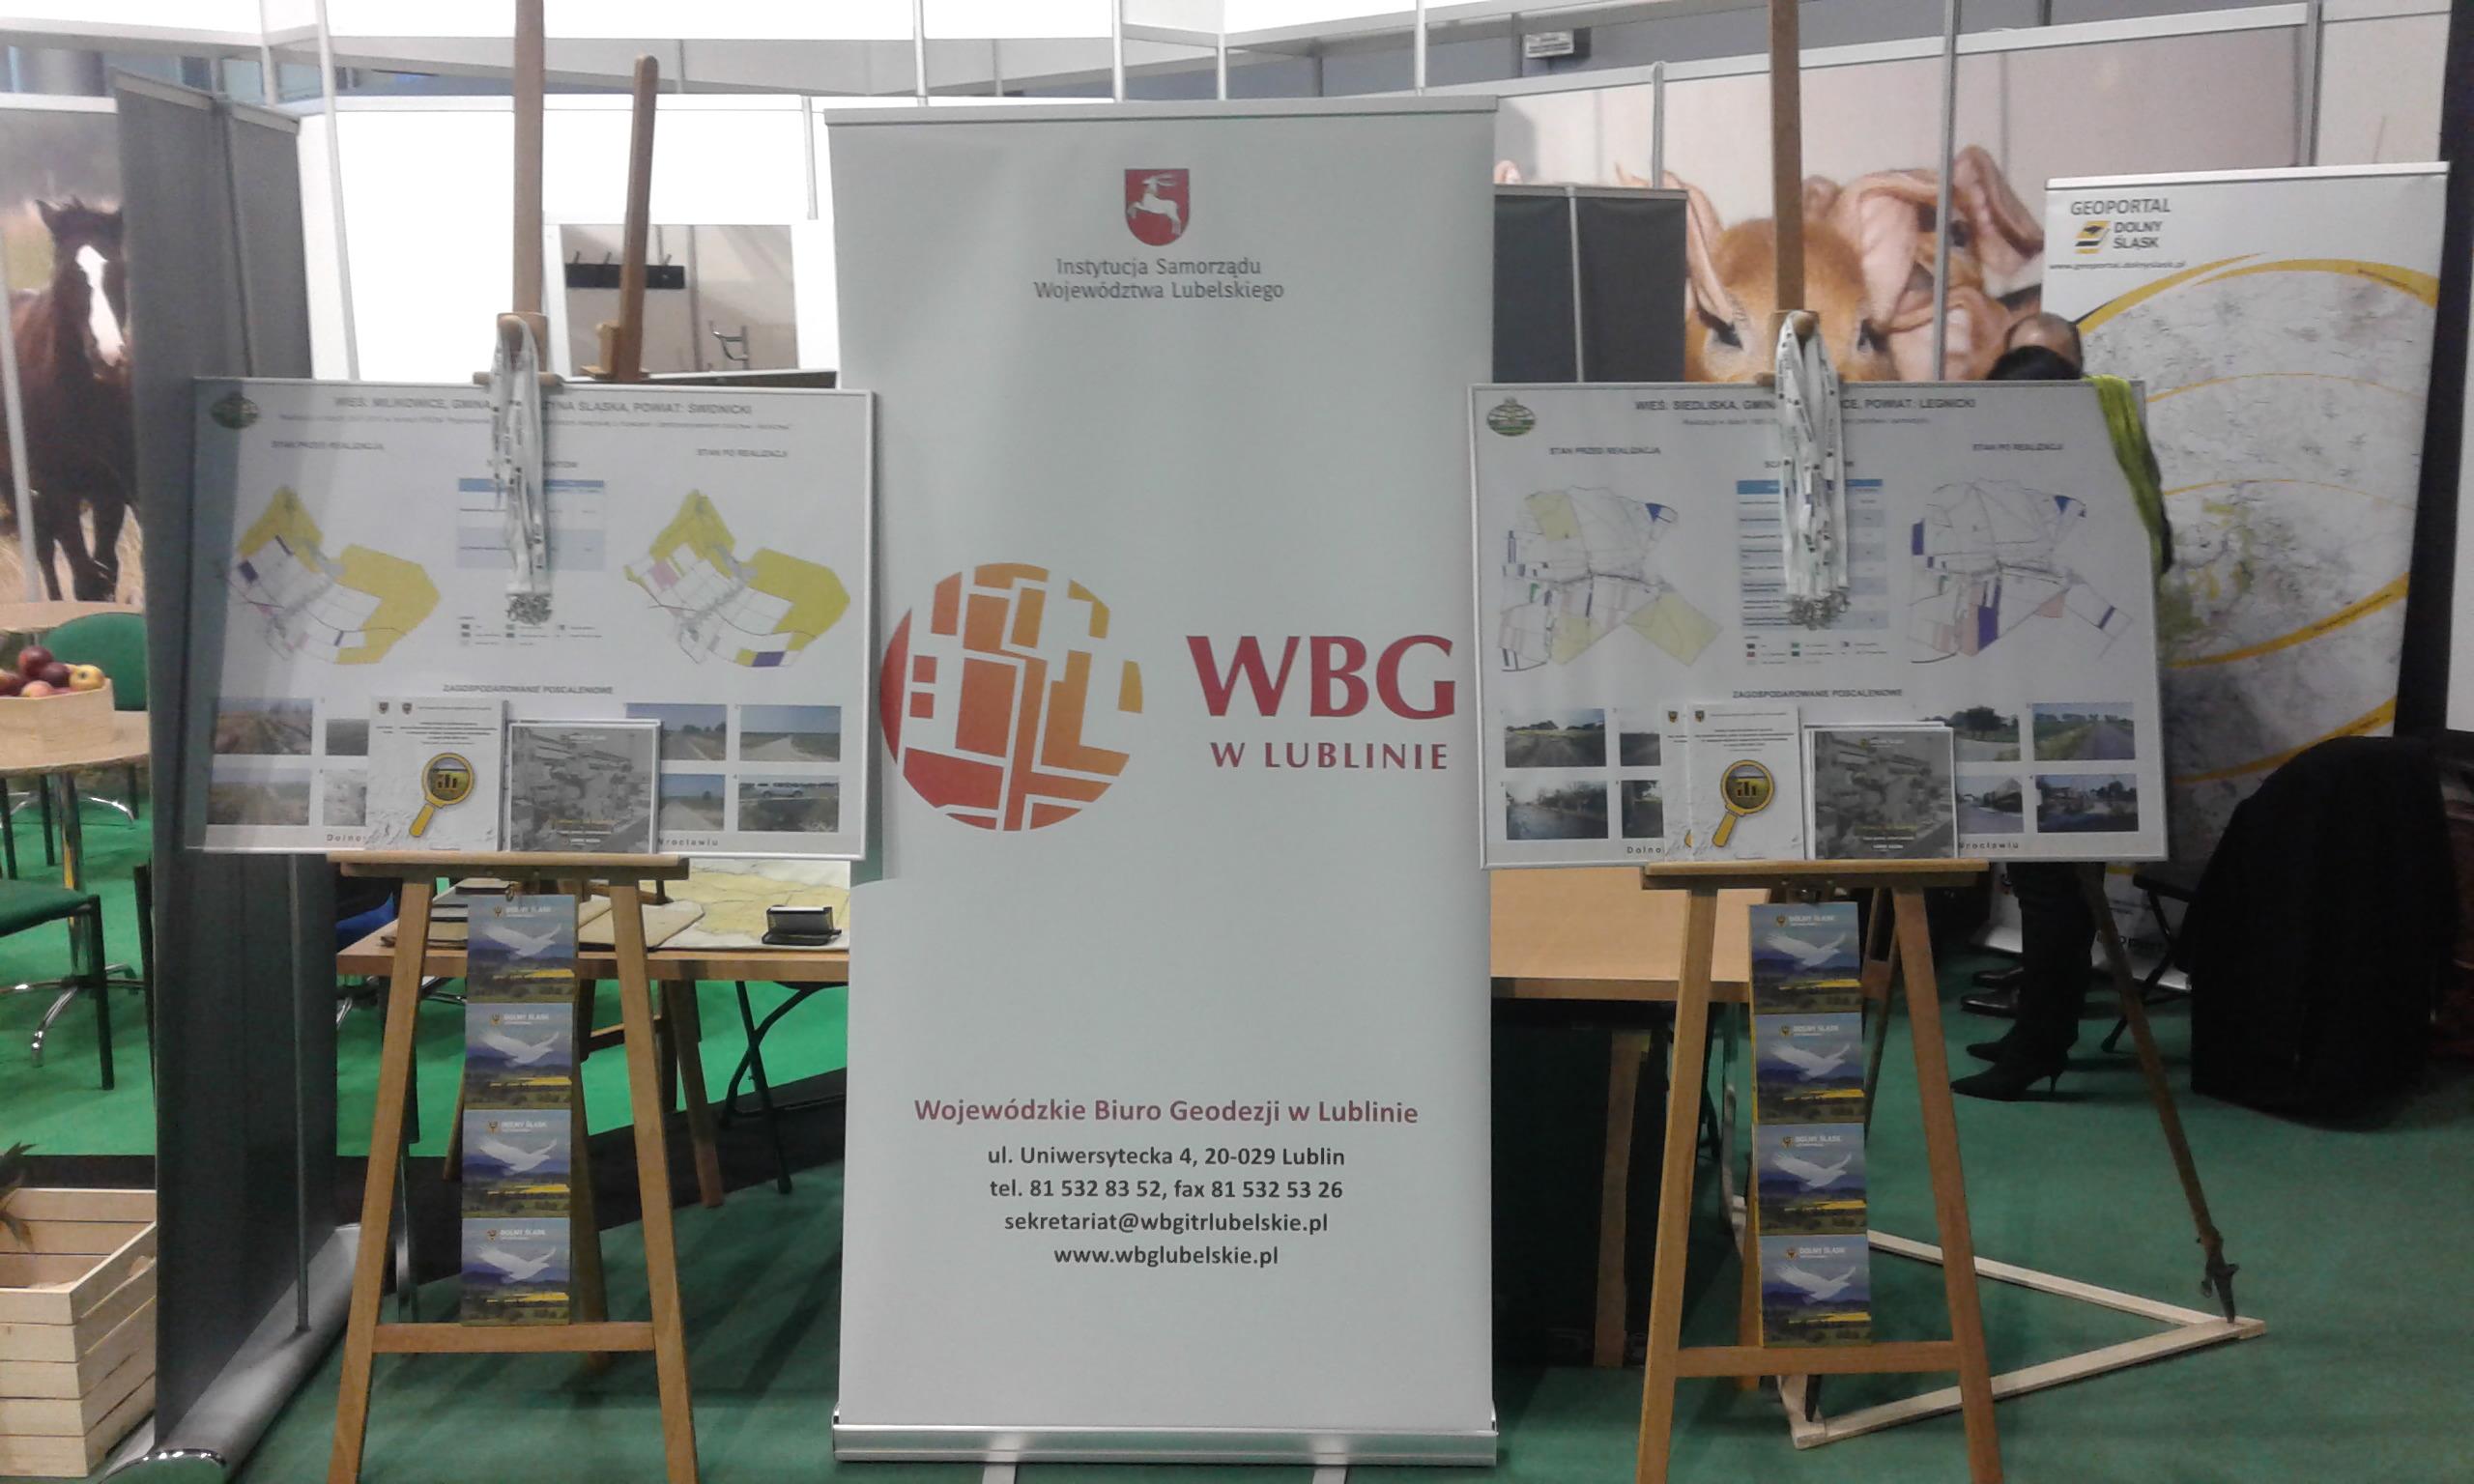 Wojewódzkie Biuro Geodezji na Narodowej Wystawie Rolniczej.